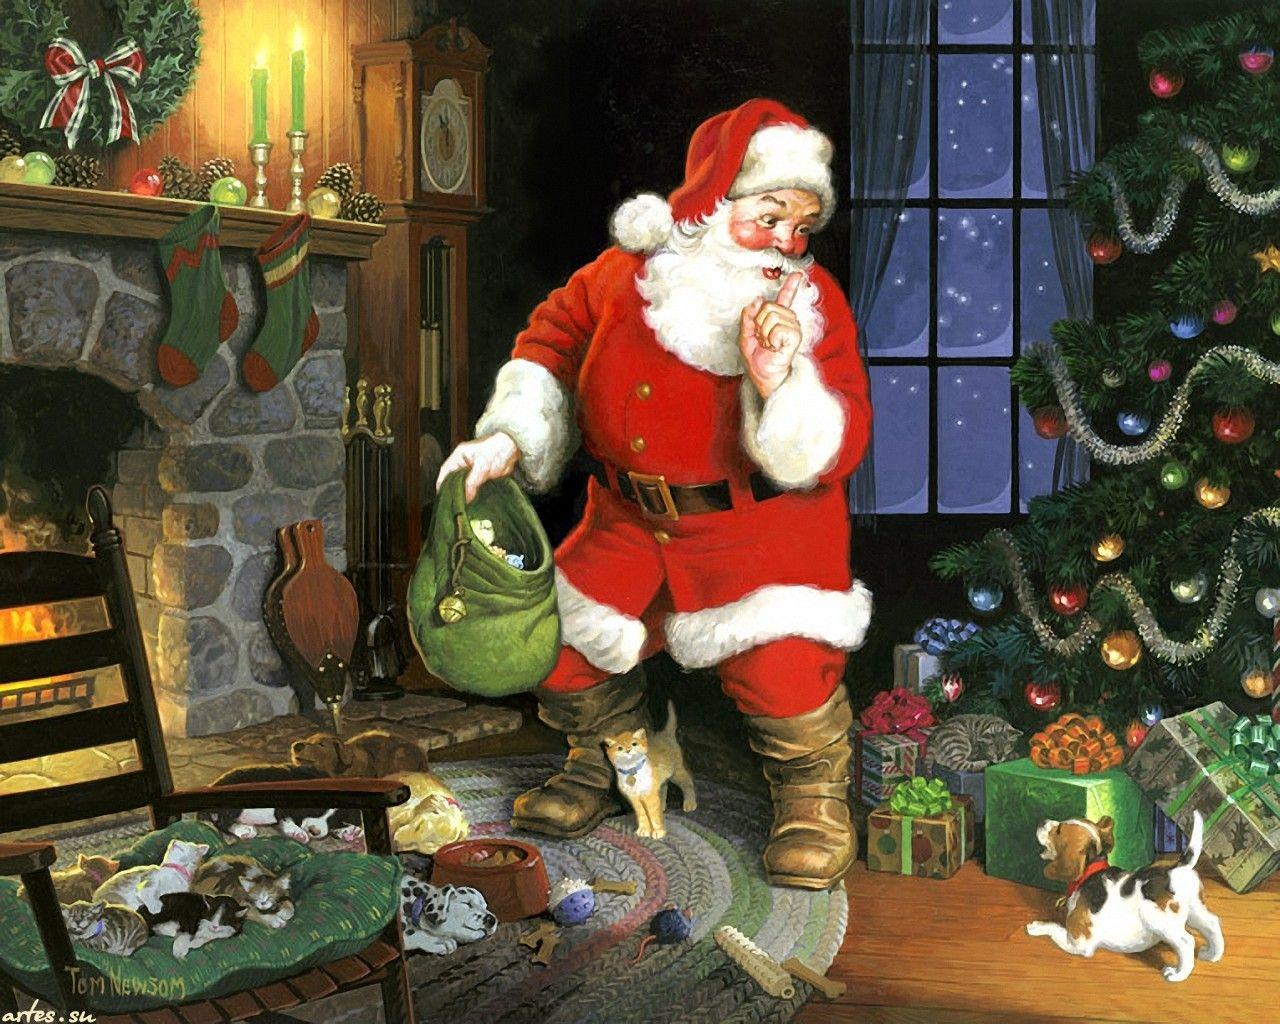 Skachat Oboi Novyj God Rozhdestvo Santa Klaus Yolka Novogodnie Podarki Tom Newsom 1280x1024 Christmas Illustration Christmas Scenes Santa Claus Wallpaper